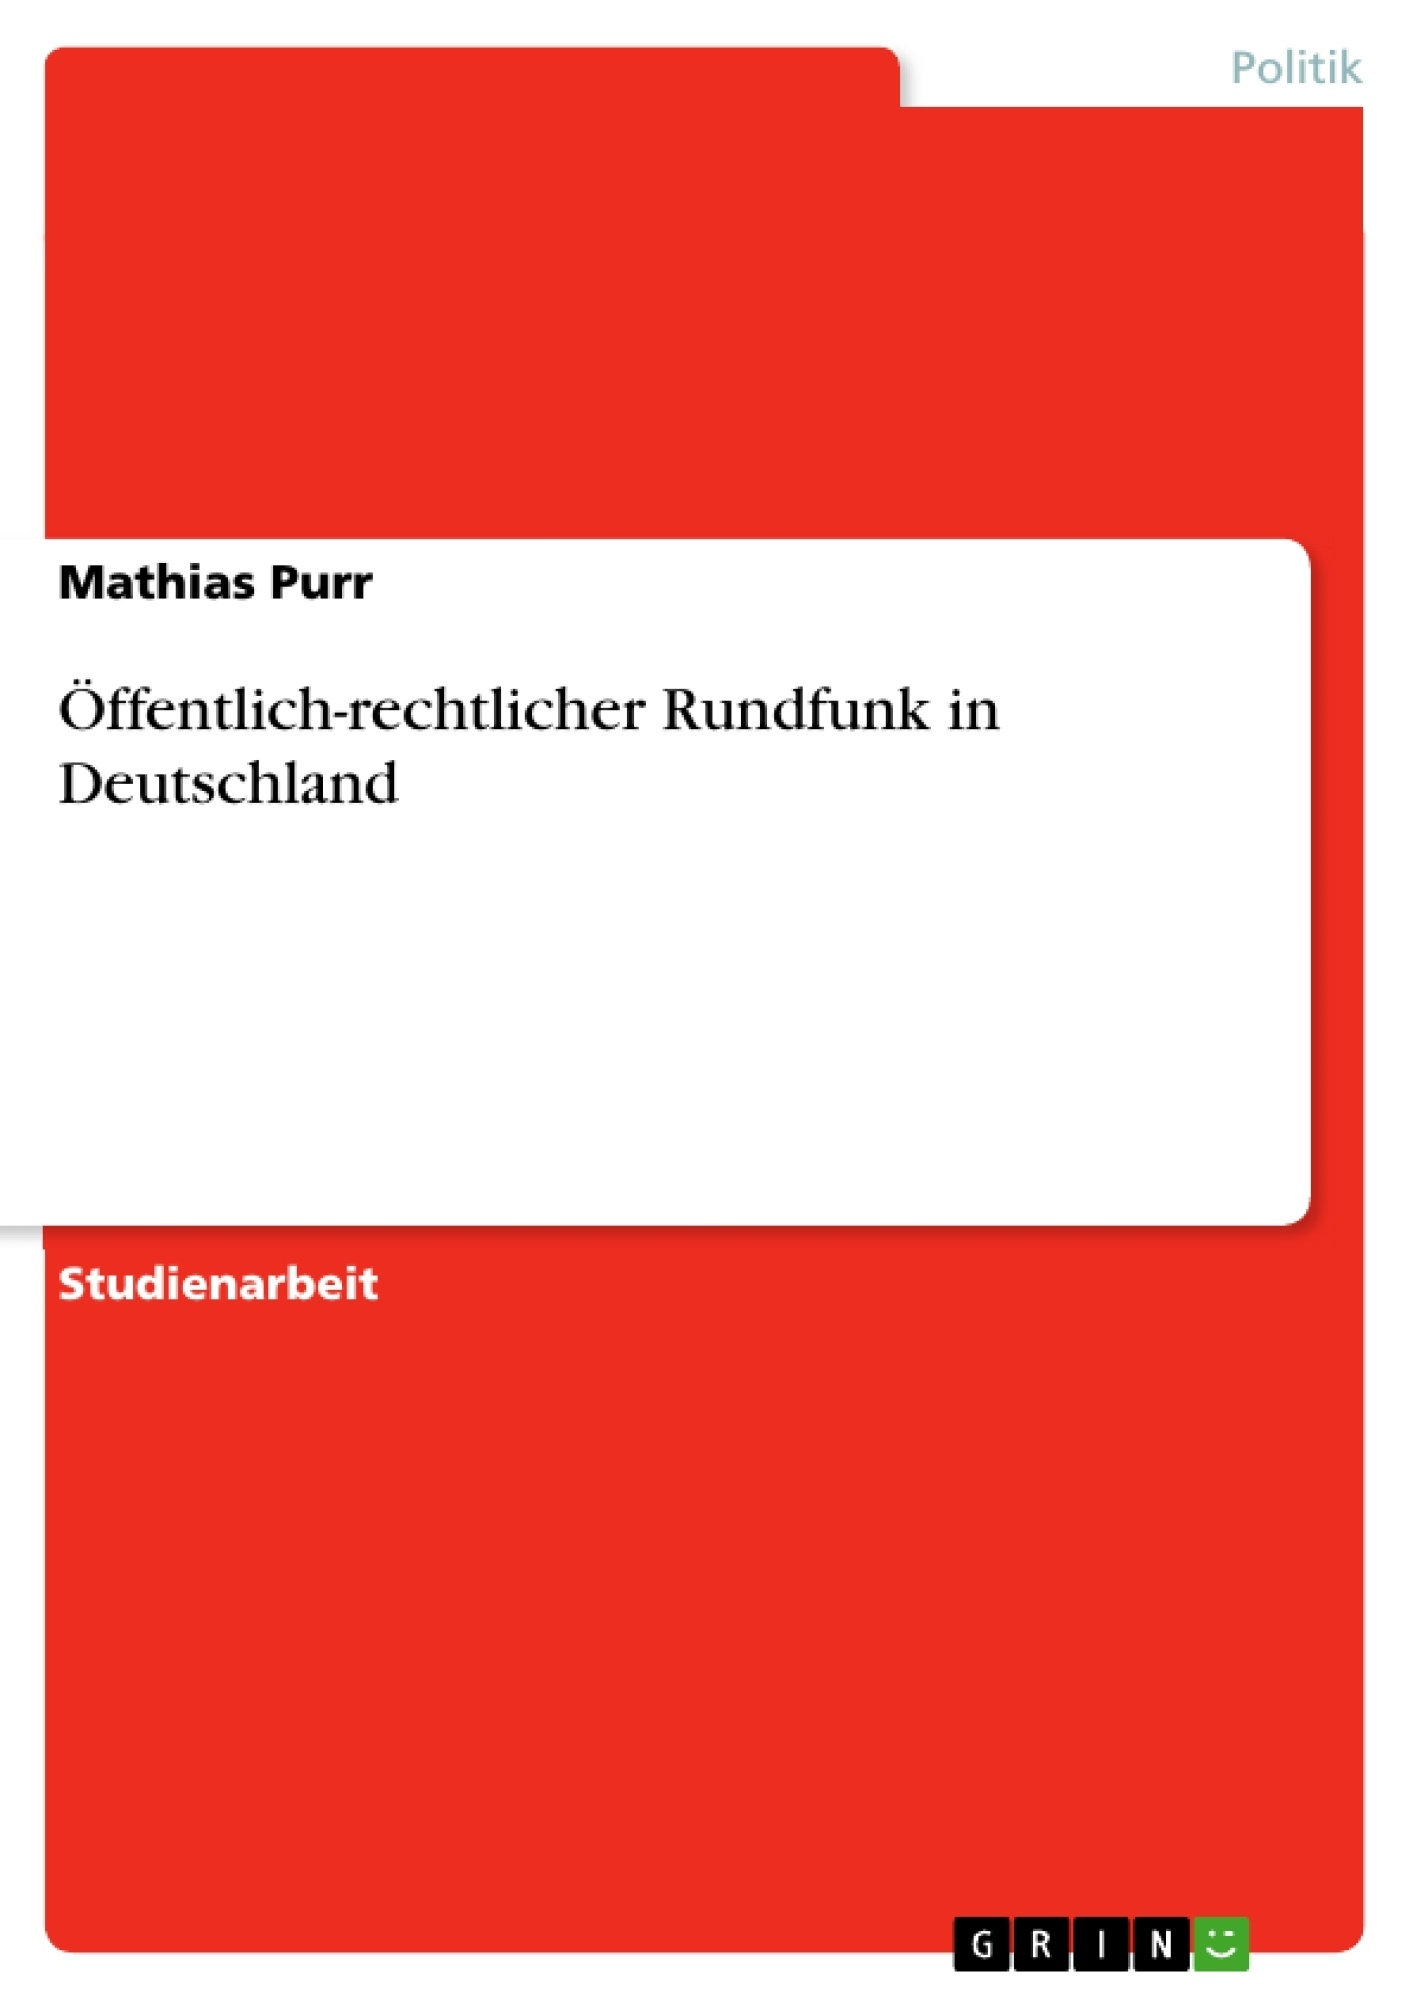 Titel: Öffentlich-rechtlicher Rundfunk in Deutschland